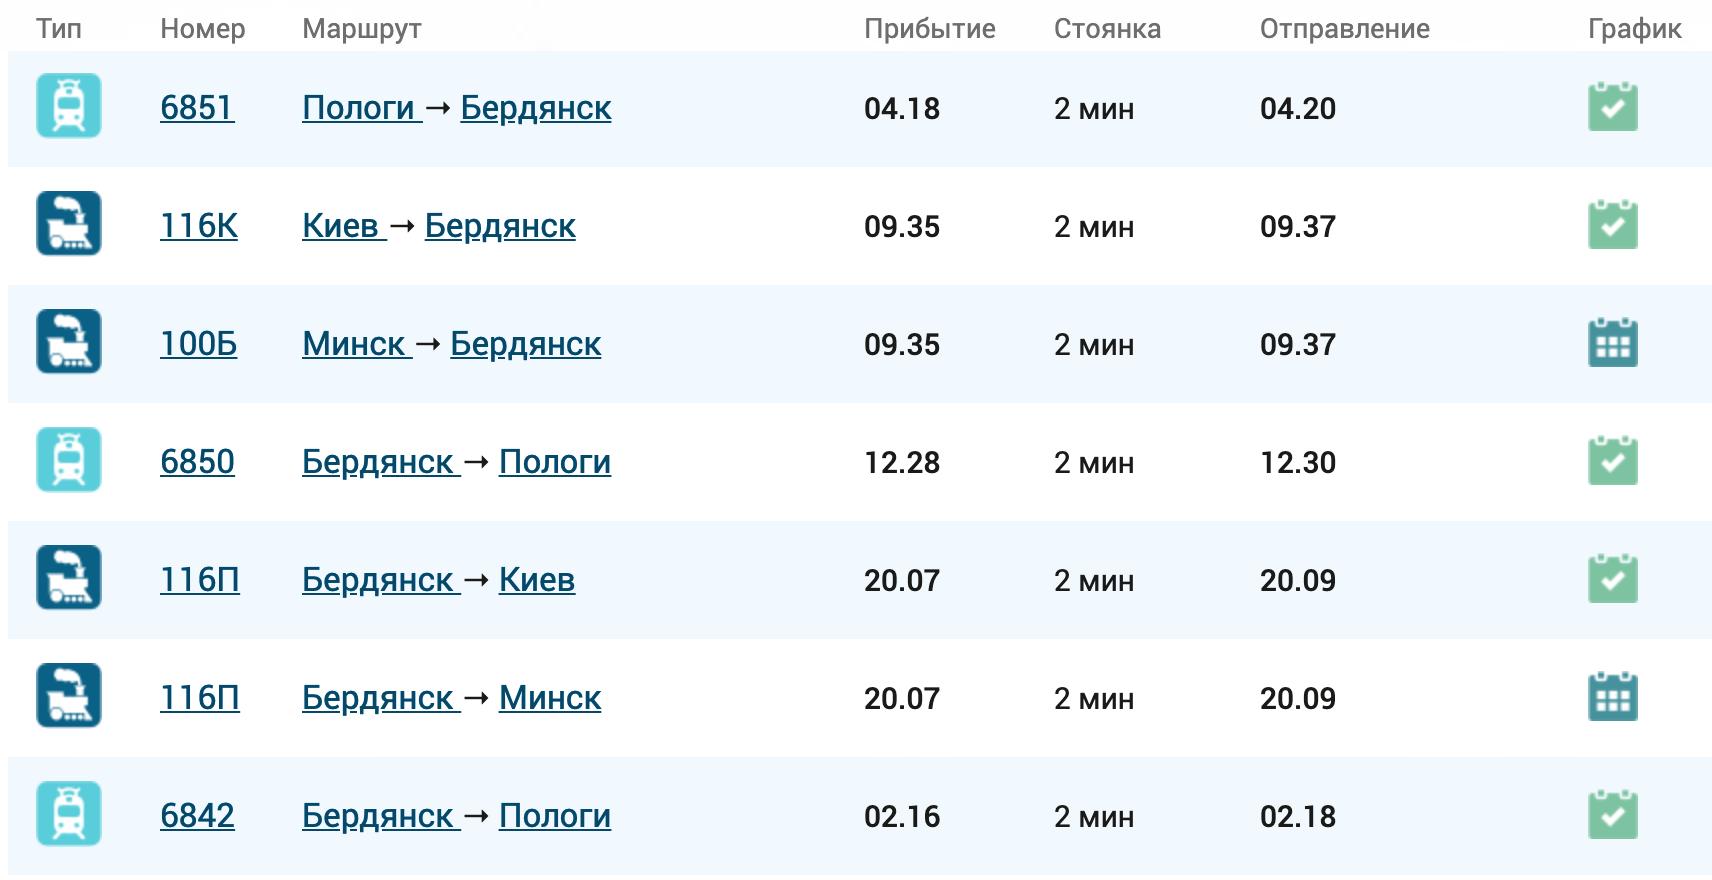 Как добраться до Кирилловки на поезде. Расписание поездов